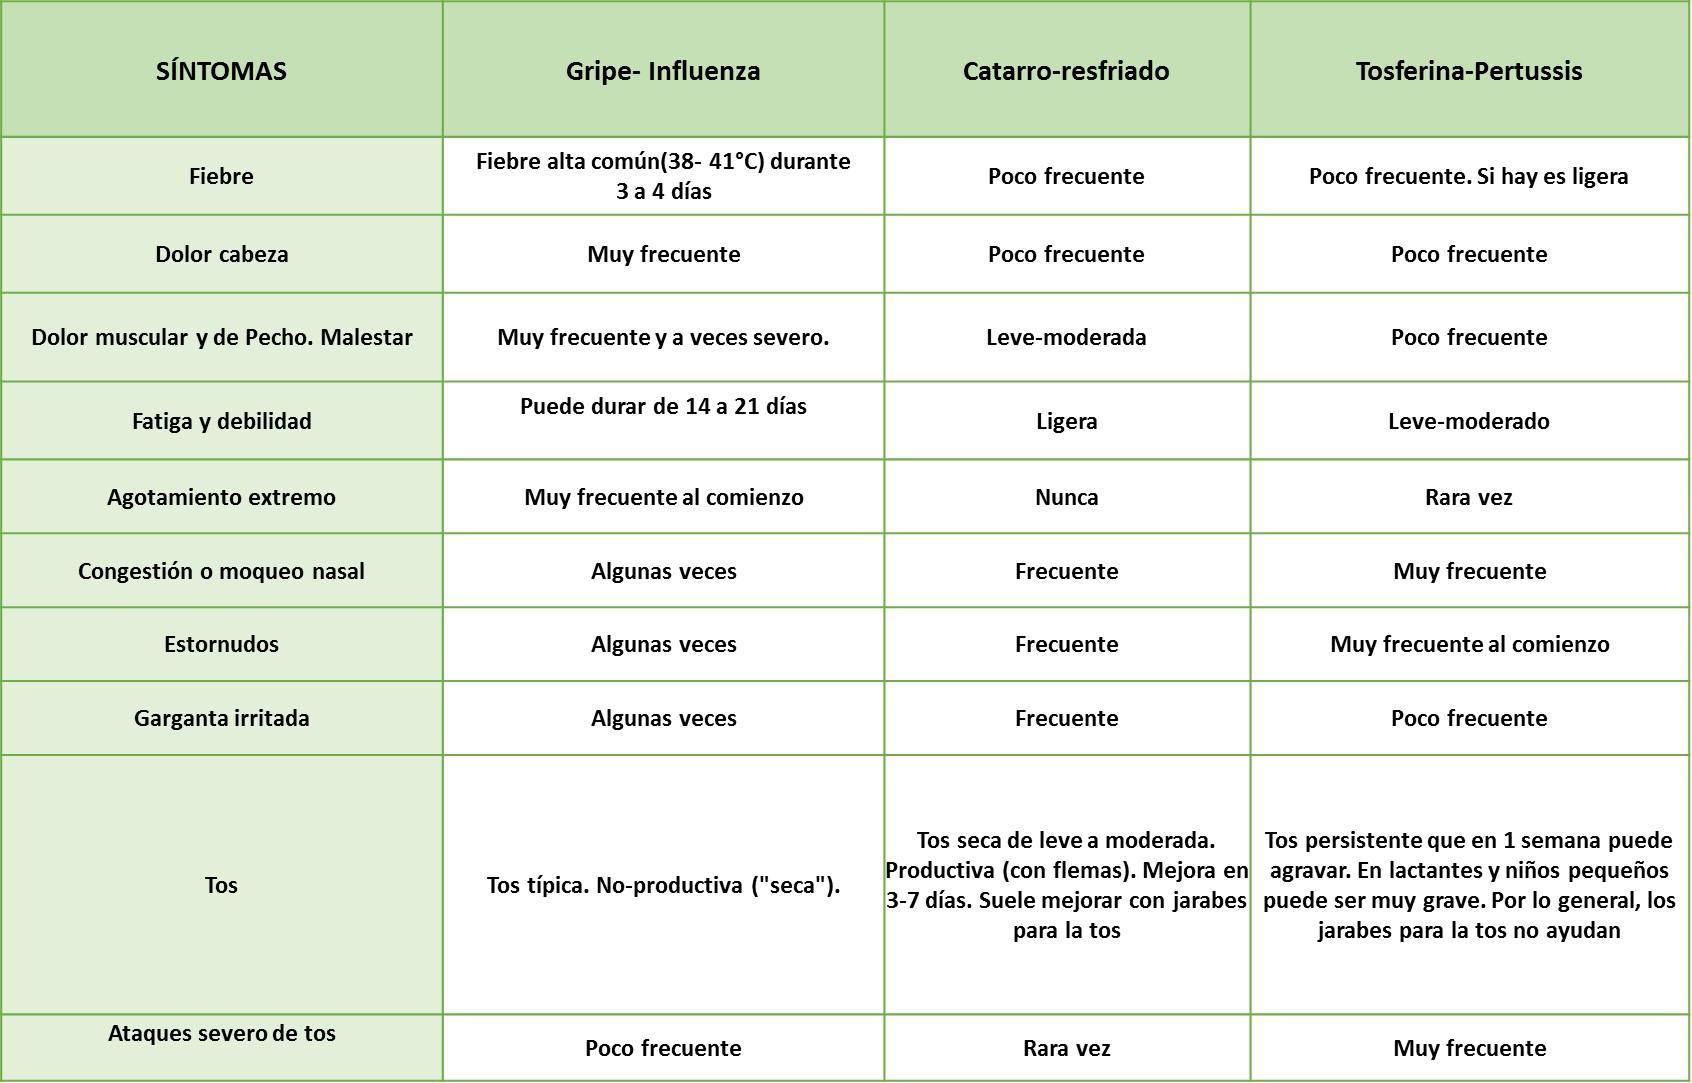 Como Diferenciar La Gripe El Catarro Y La Tosferina Salud Para